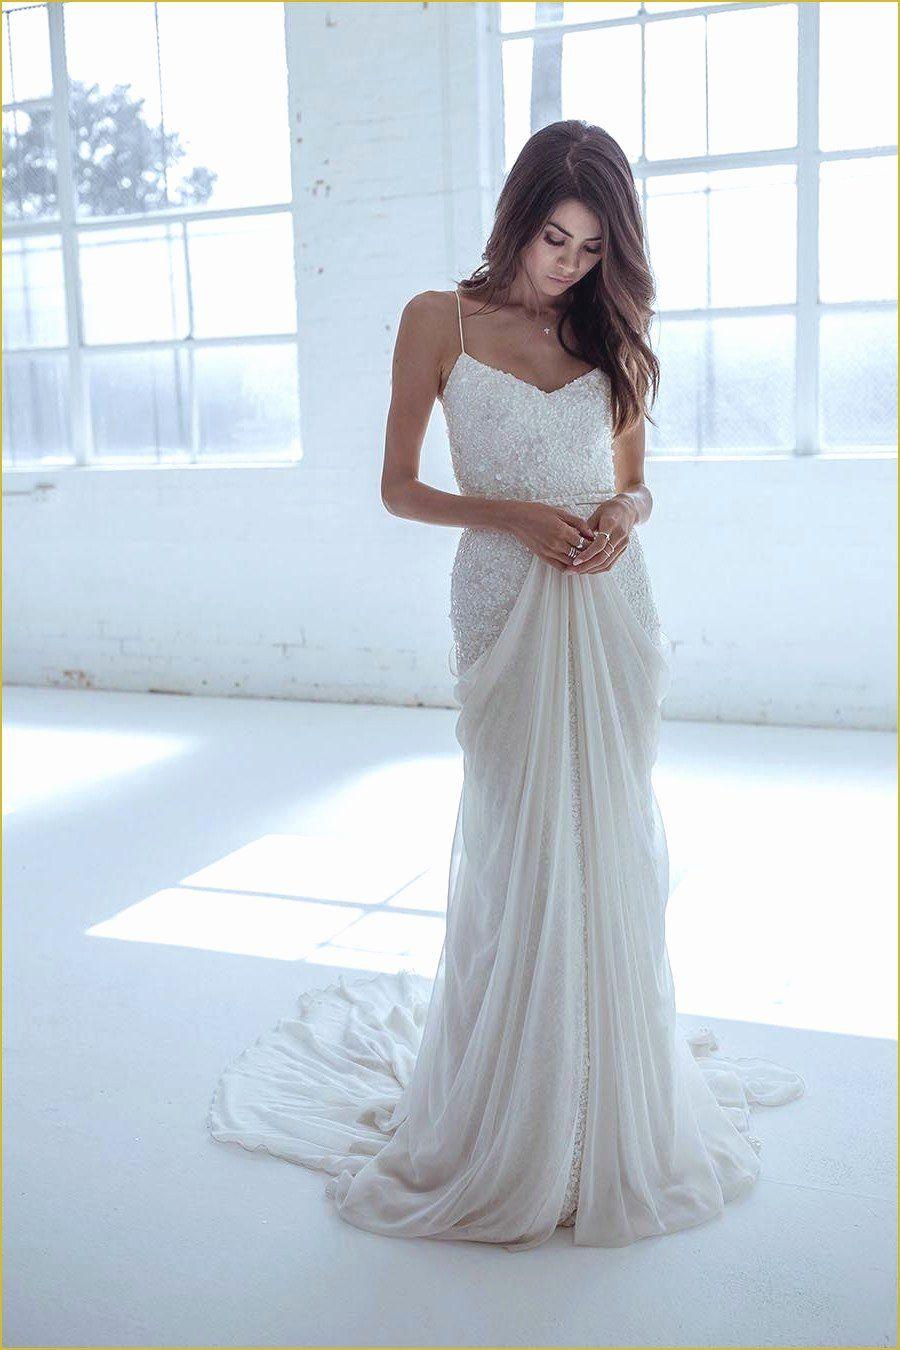 Wedding Dress Rentals In Dallas Texas Inspirational Wedding Gowns Dallas Tx Elegant Bridal G In 2020 Vegas Wedding Dress Wedding Dress Alterations Blue Wedding Dresses